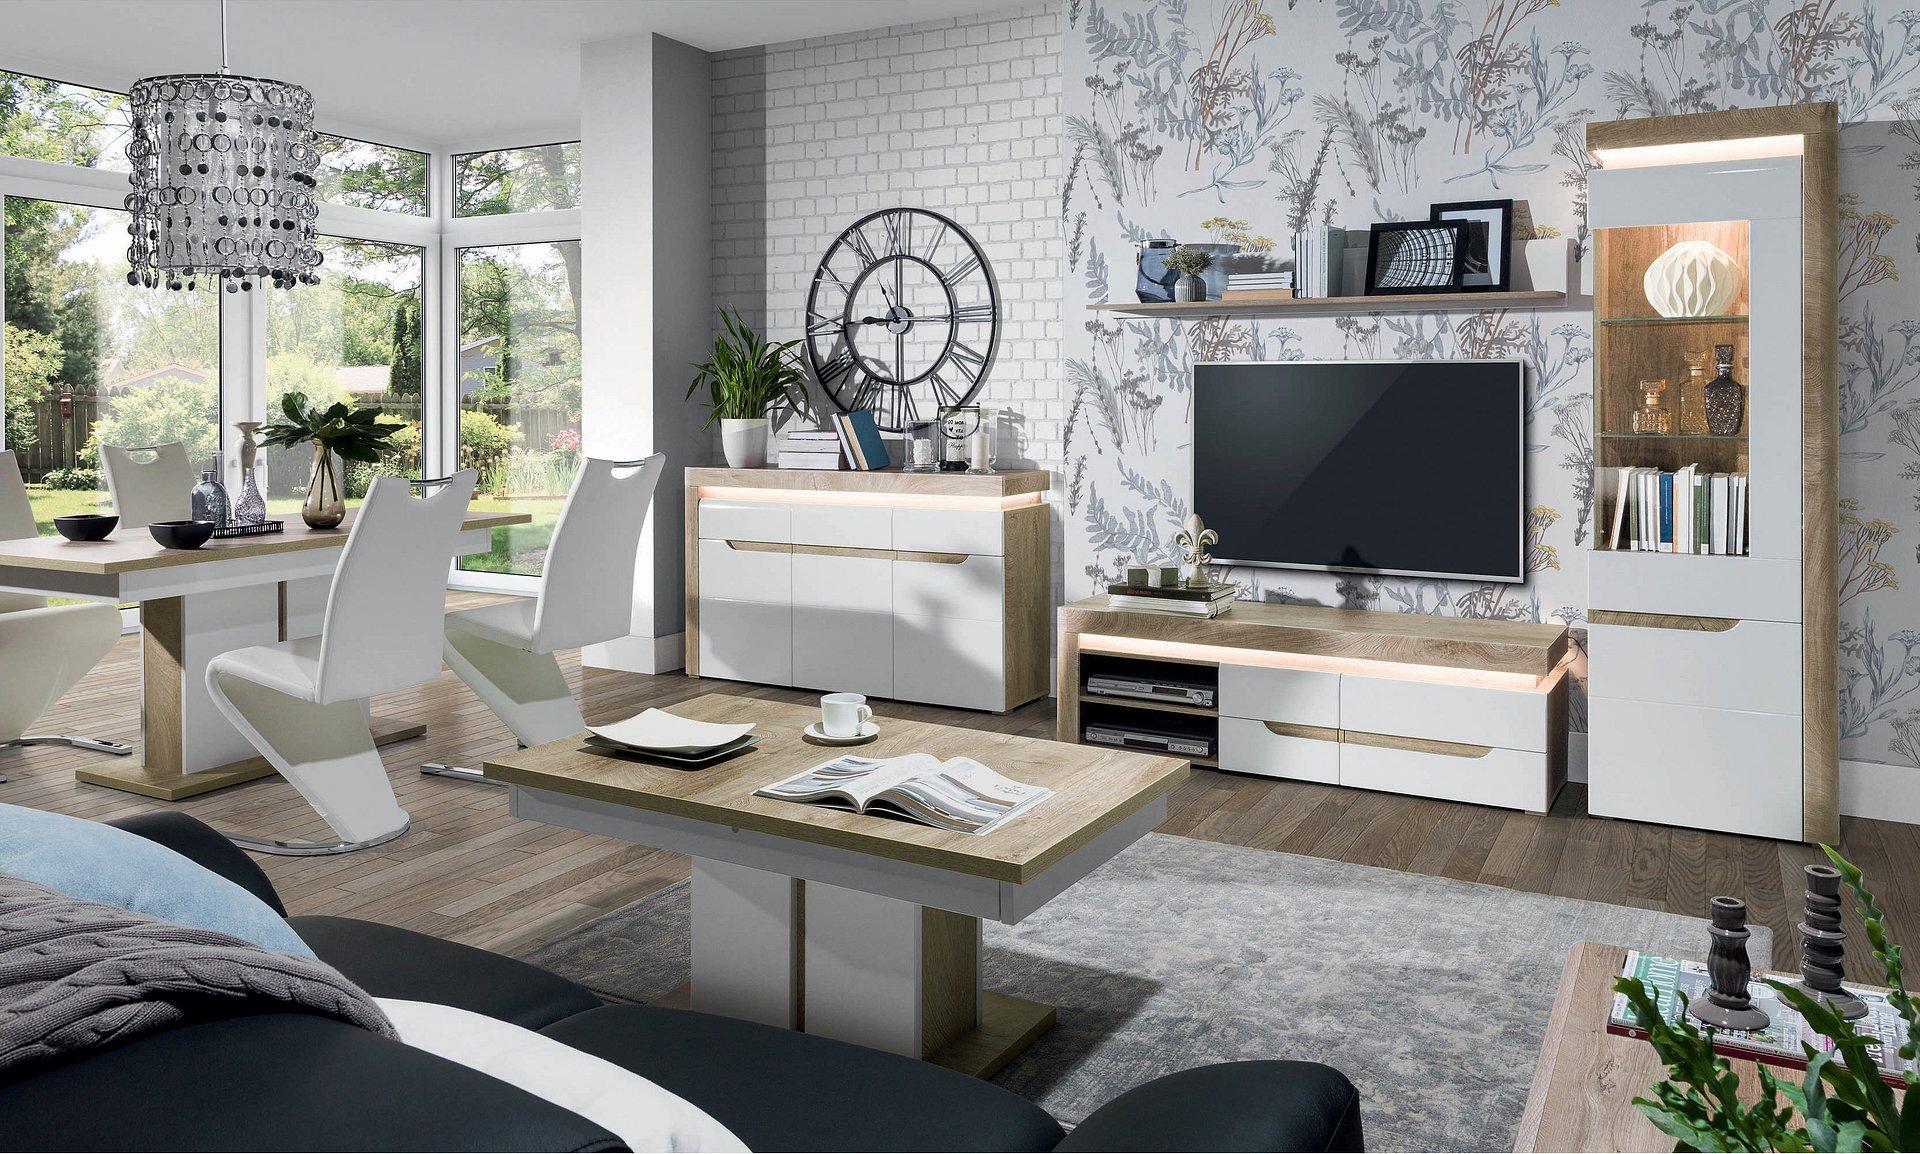 Białe meble w salonie: z połyskiem czy matowe? Radzi ekspert salonów Agata